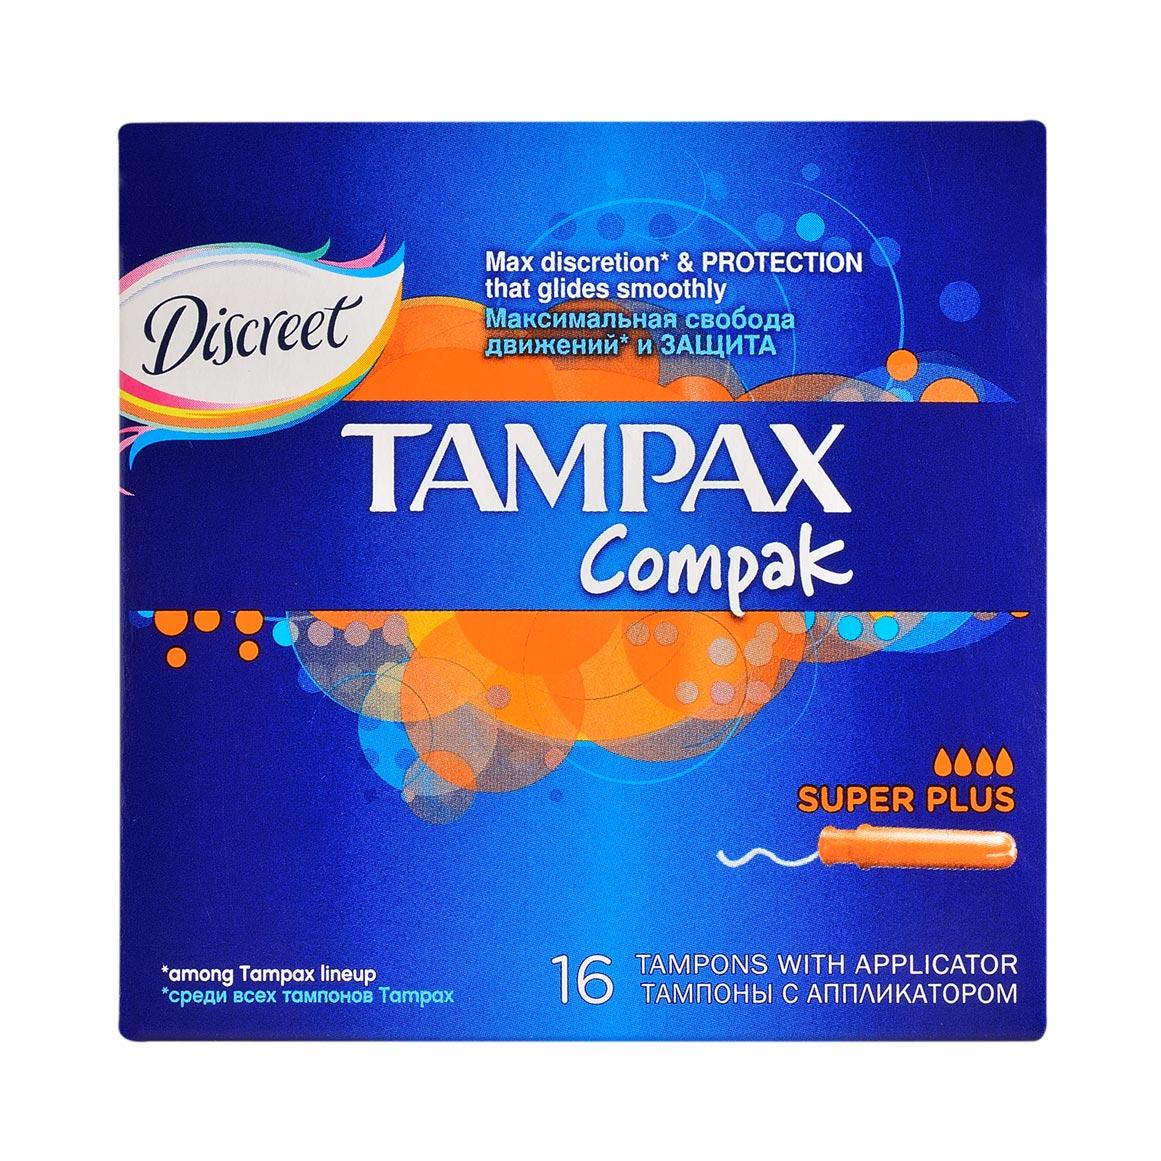 Wholesale Tampax Compak Super Plus with Applicator 16 pcs_2